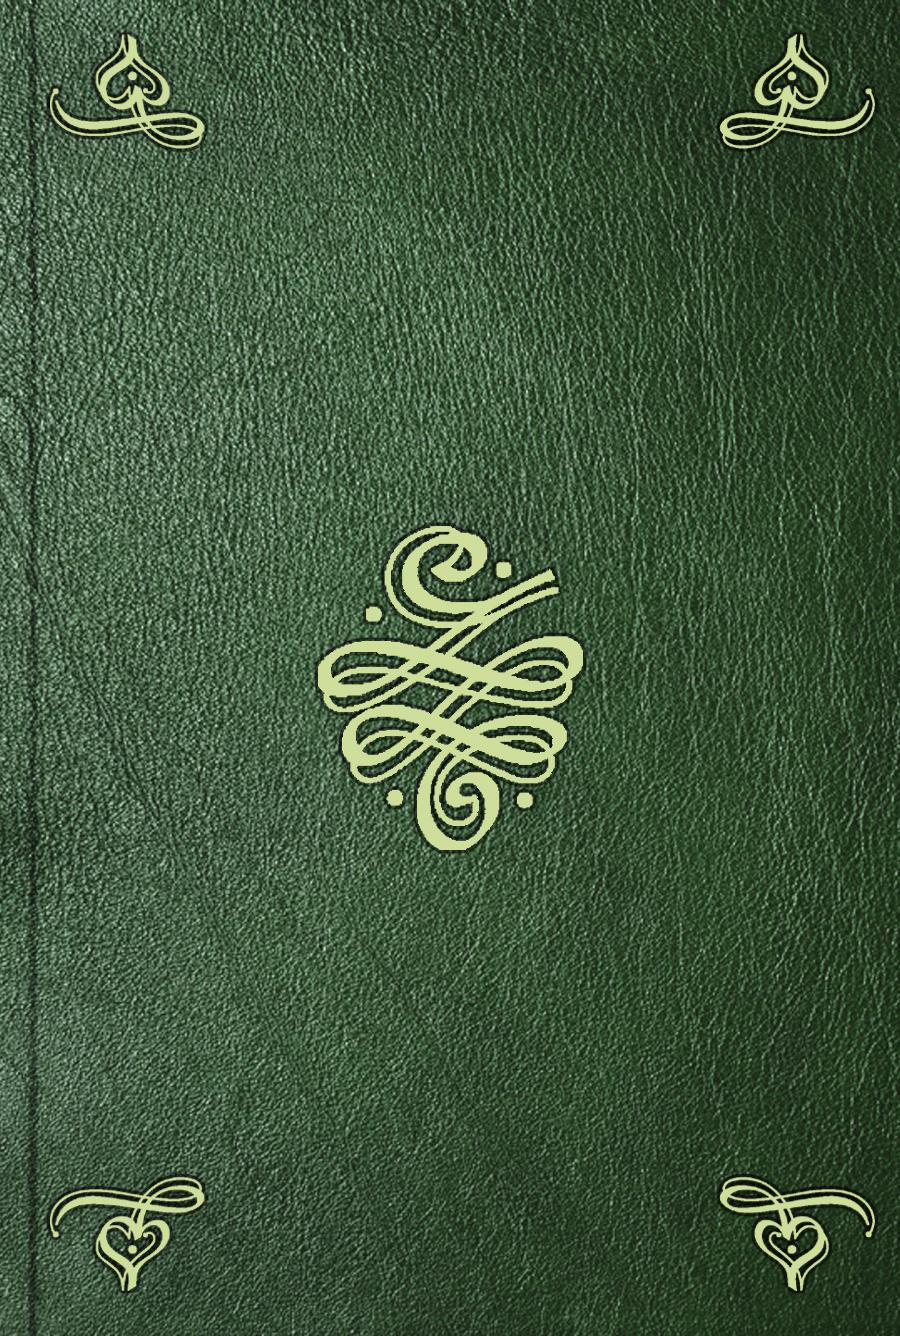 d'Estrades Comte Lettres, memoires et negociations. T. 3 johann von archenholz tableau de l angleterre et de l italie t 1